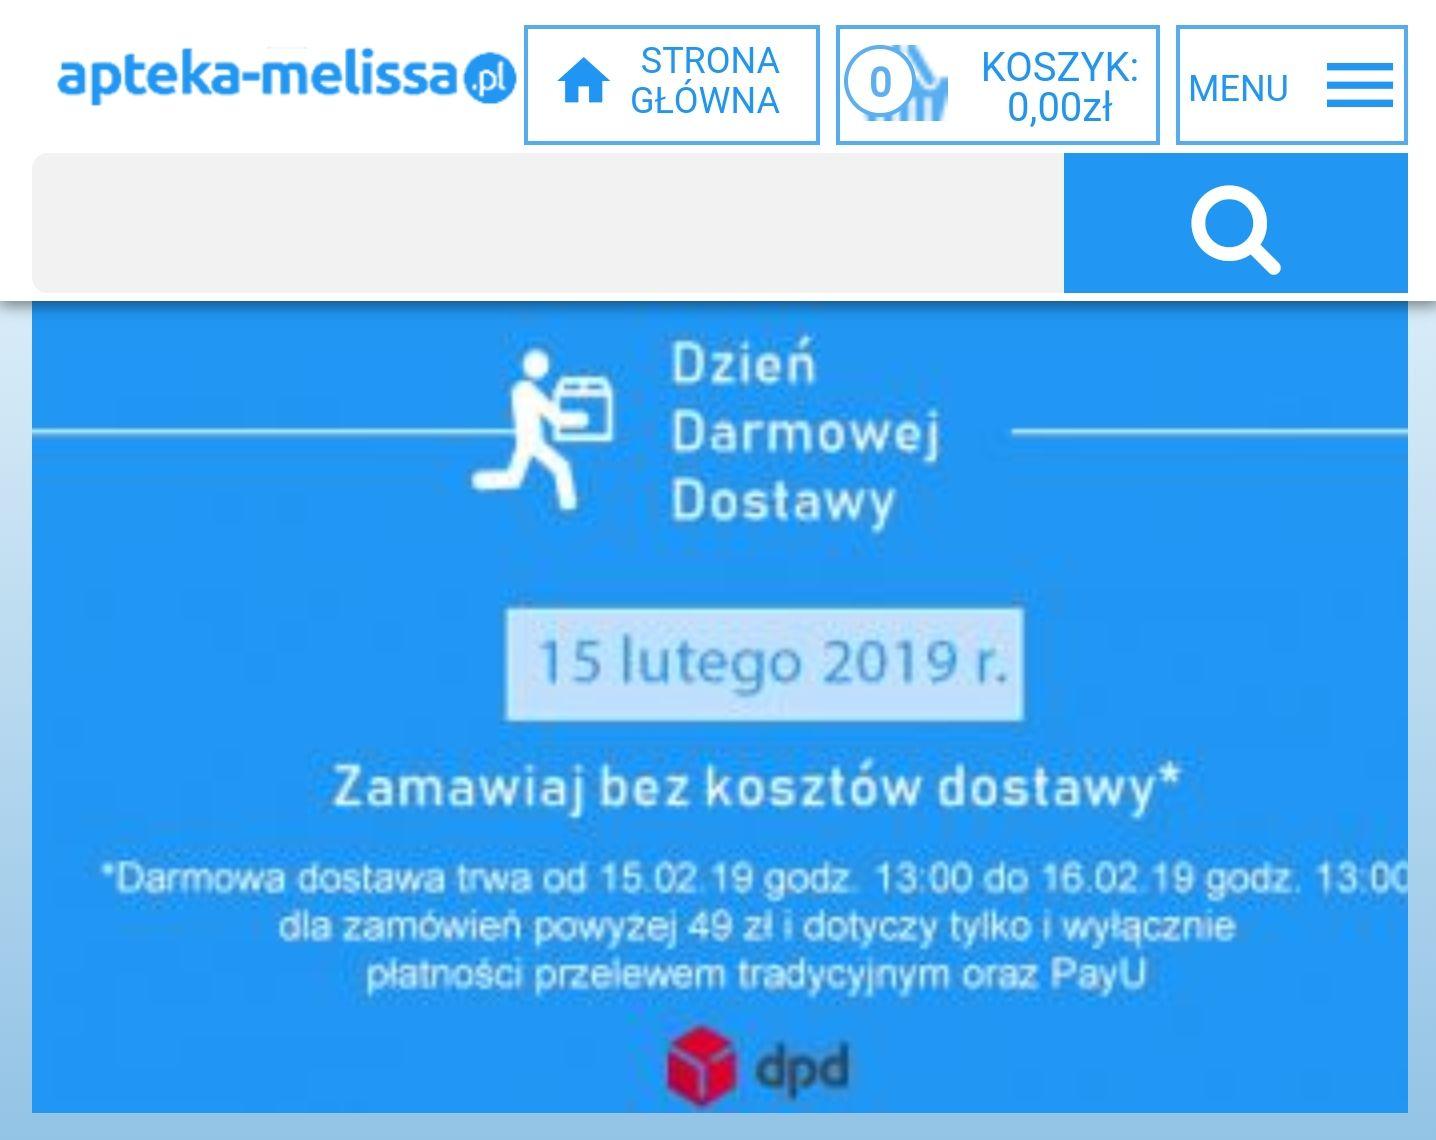 Apteka Melissa Dzień Darmowej Dostawy MWZ 49zl